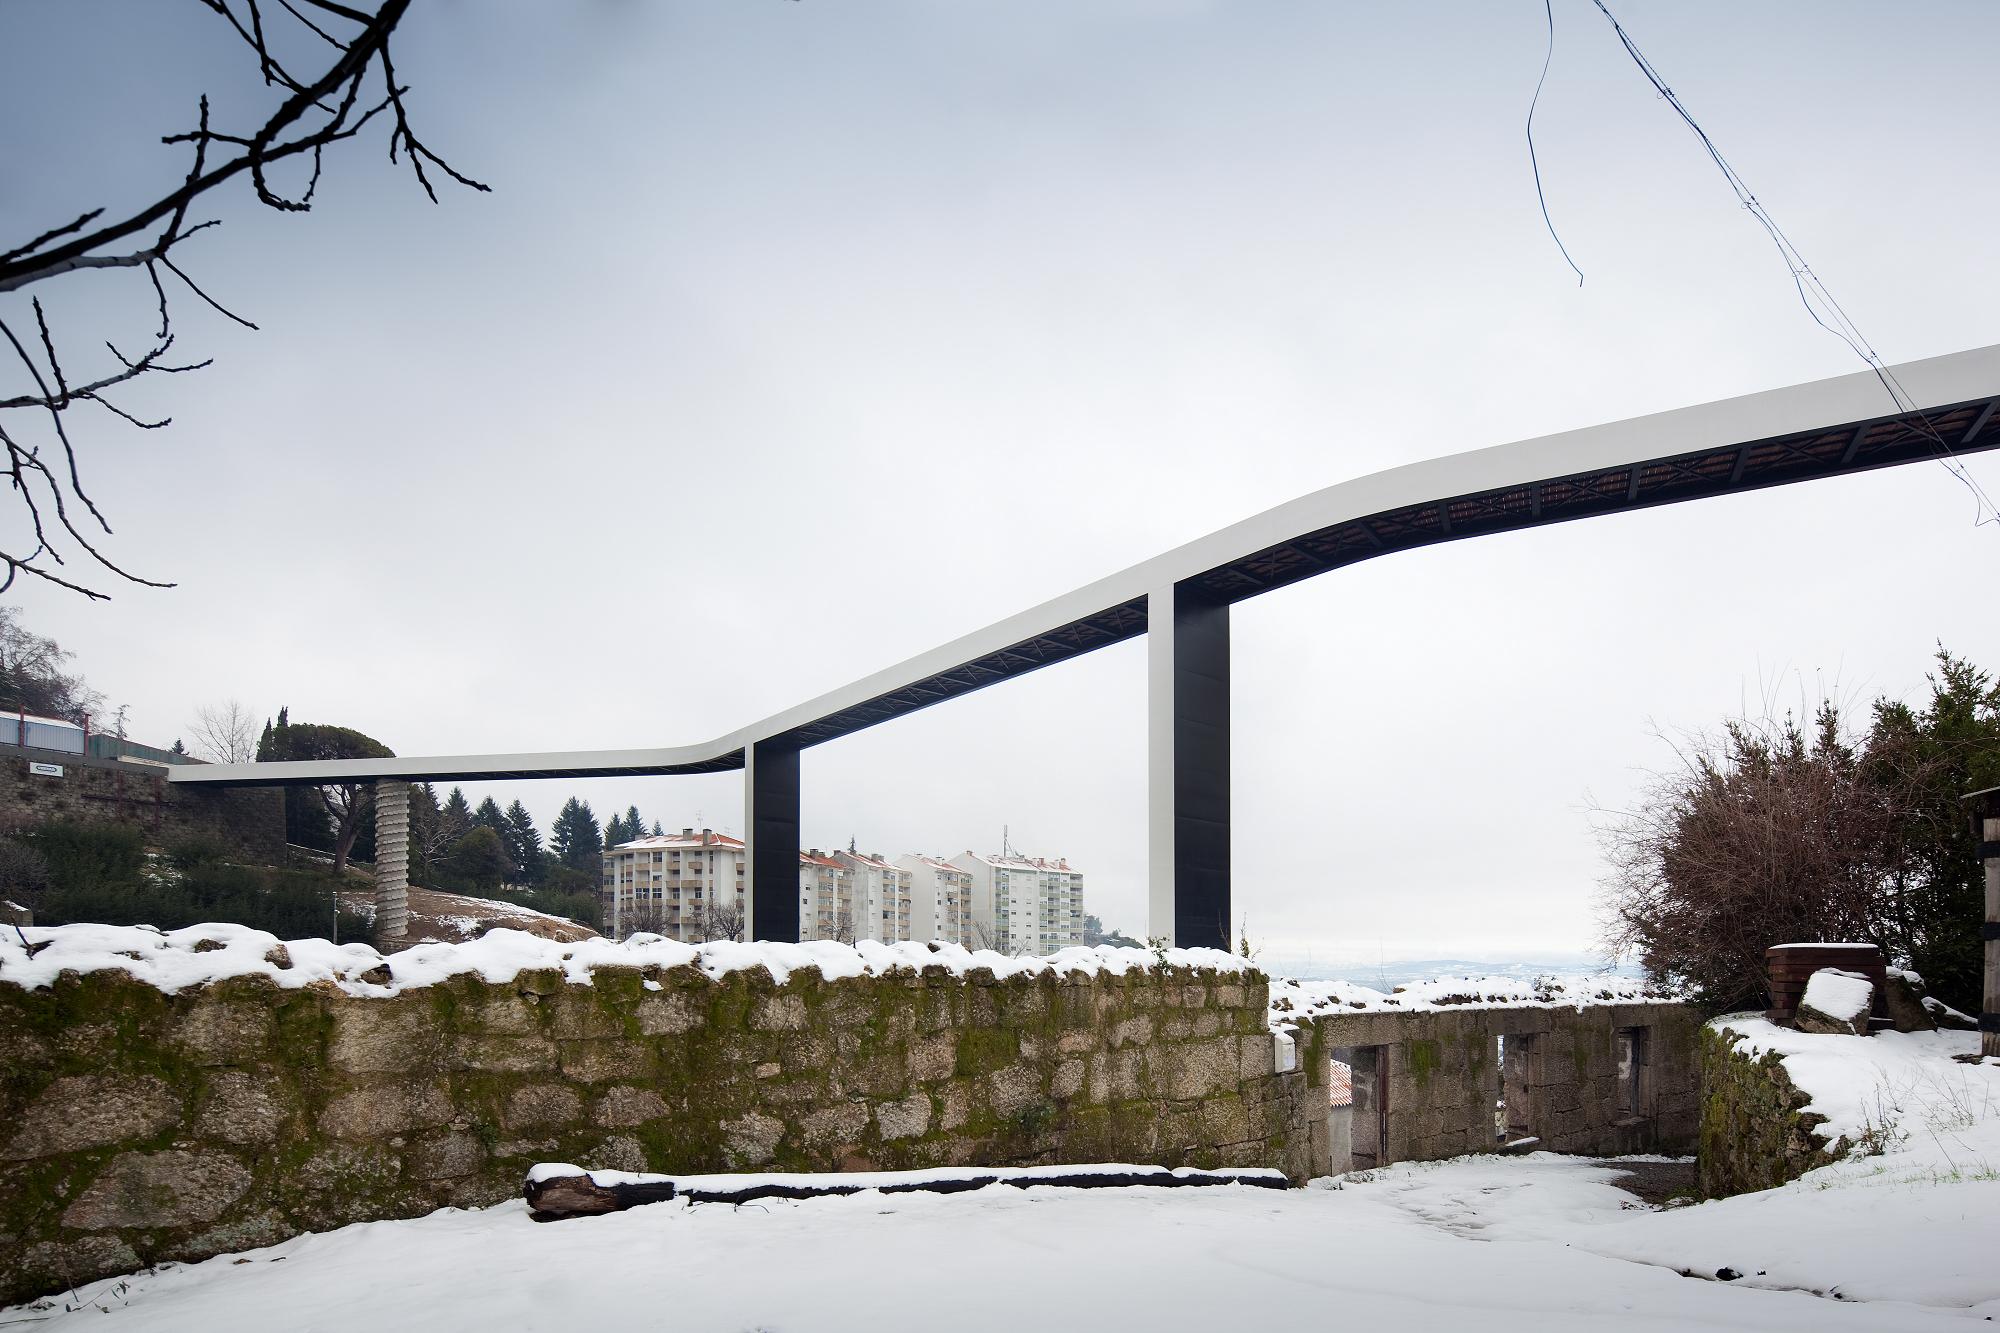 """Carrilho da Graça Arquitectos ganham o 1º prêmio da AIT Awards, na categoria """"Transporte"""", © FG + SG - Fernando Guerra, Sergio Guerra"""